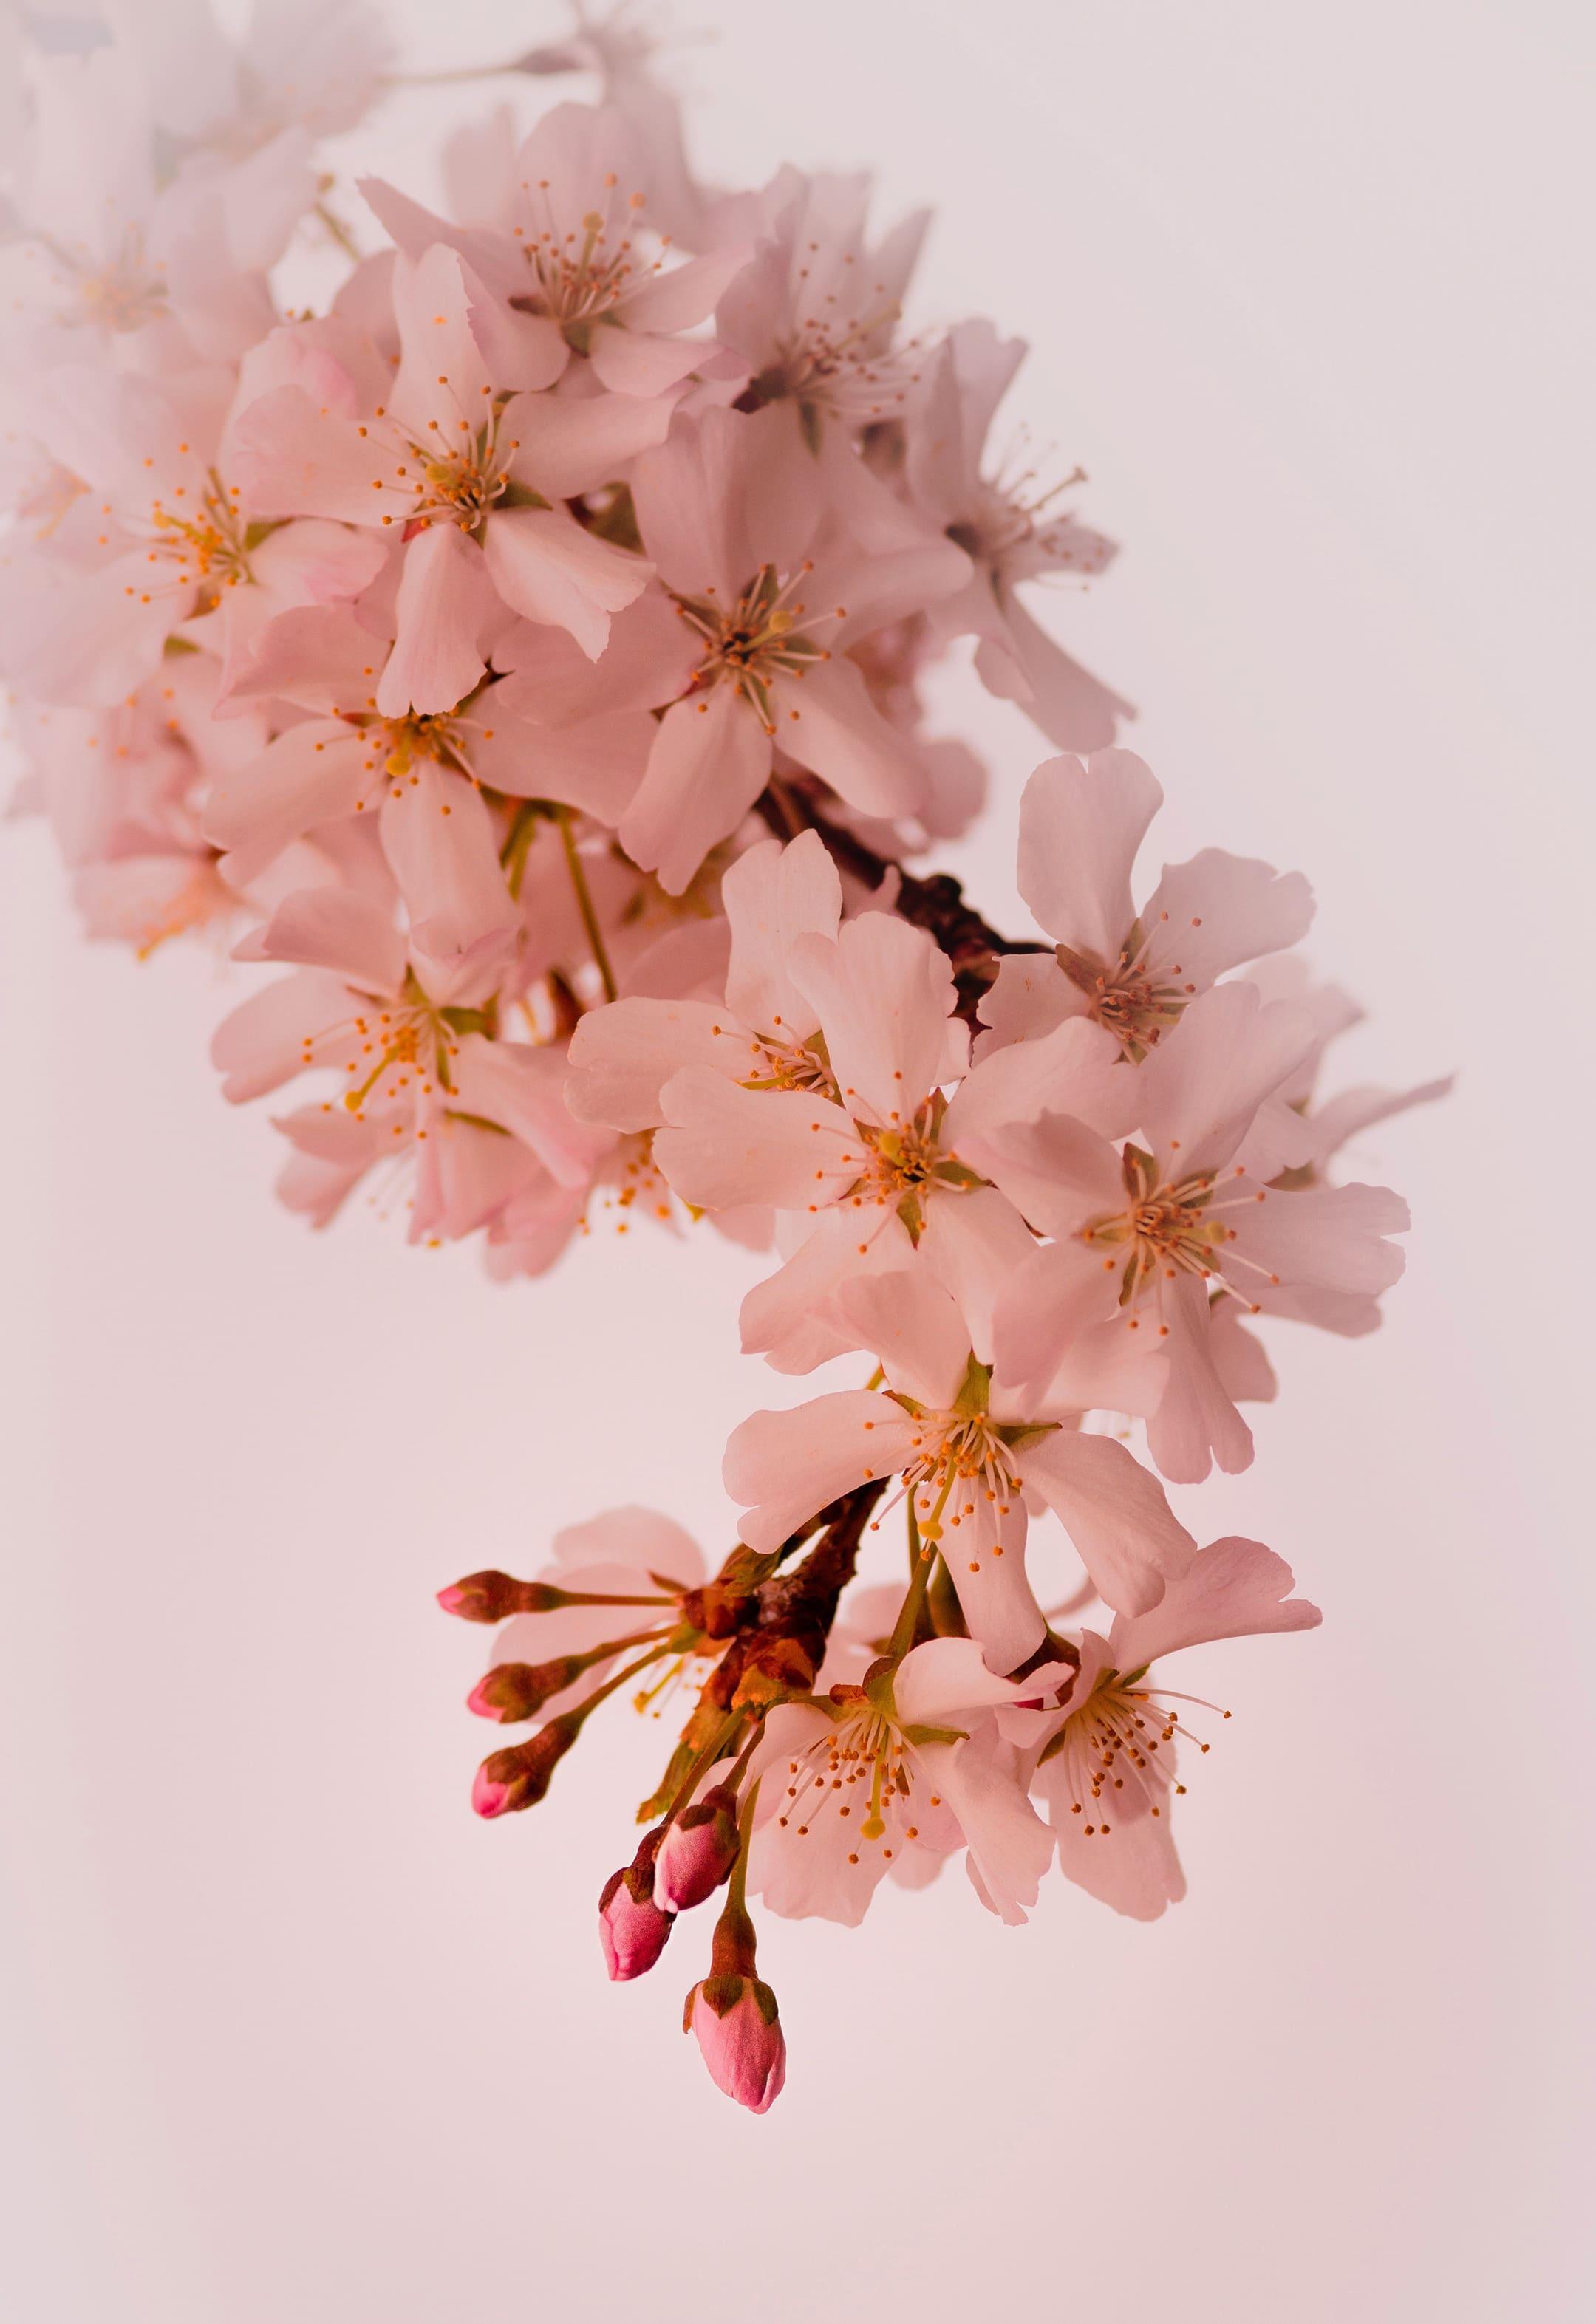 sakura-in-bloom-106